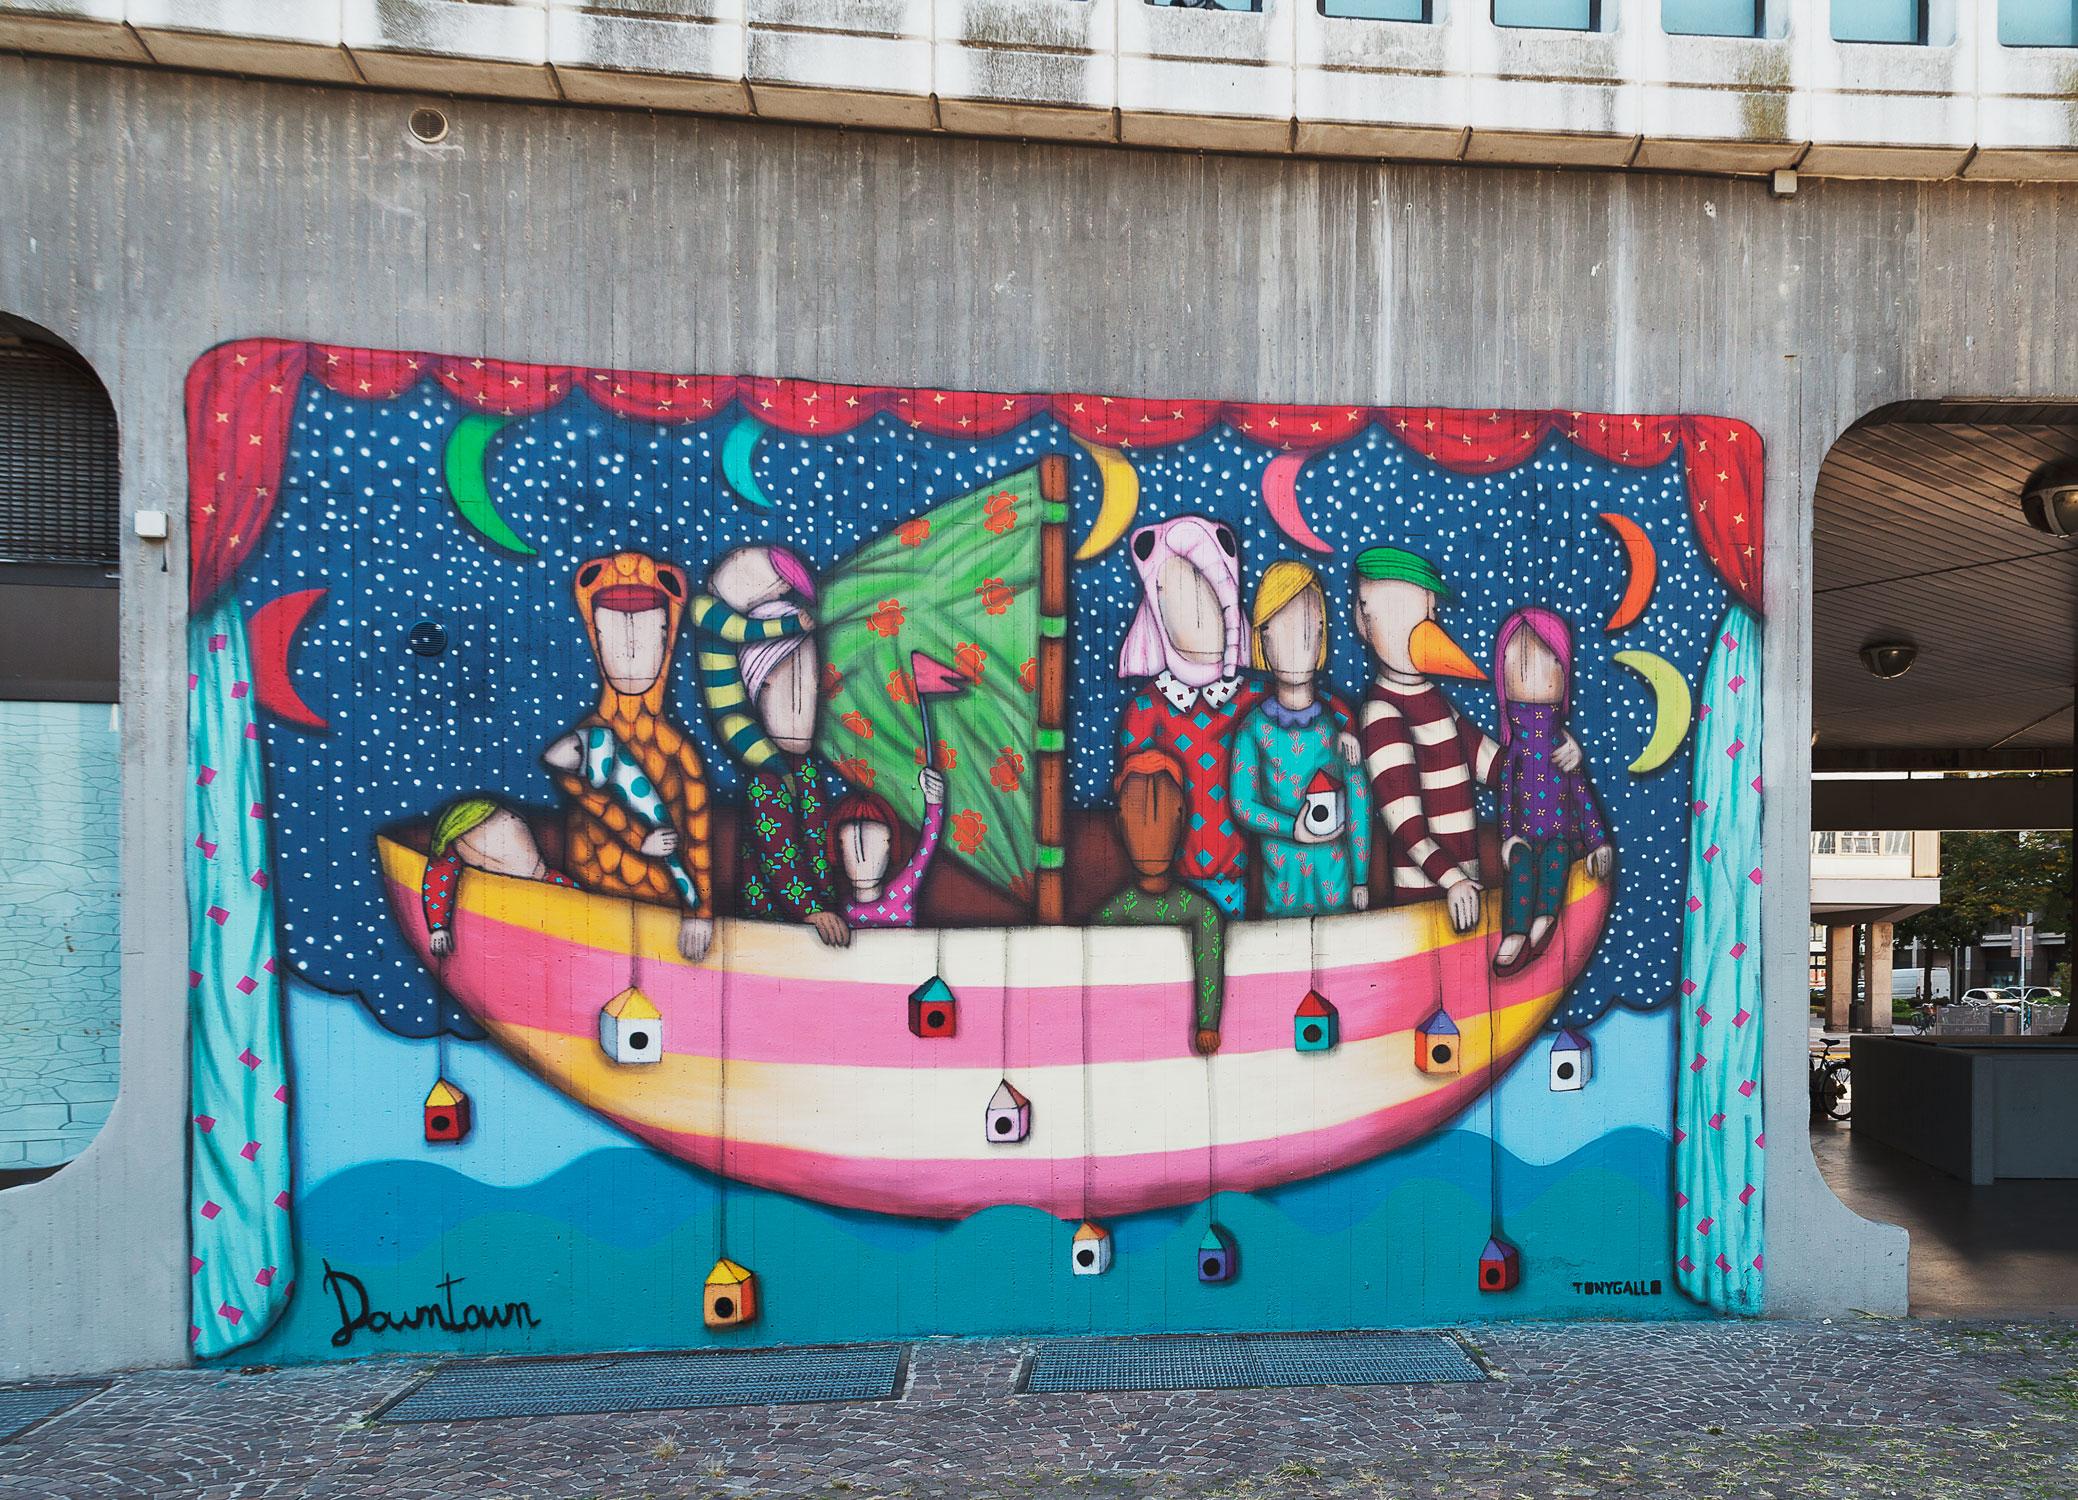 Tony Gallo, Downtown, Piazza Gasparotto, Padova, 2016